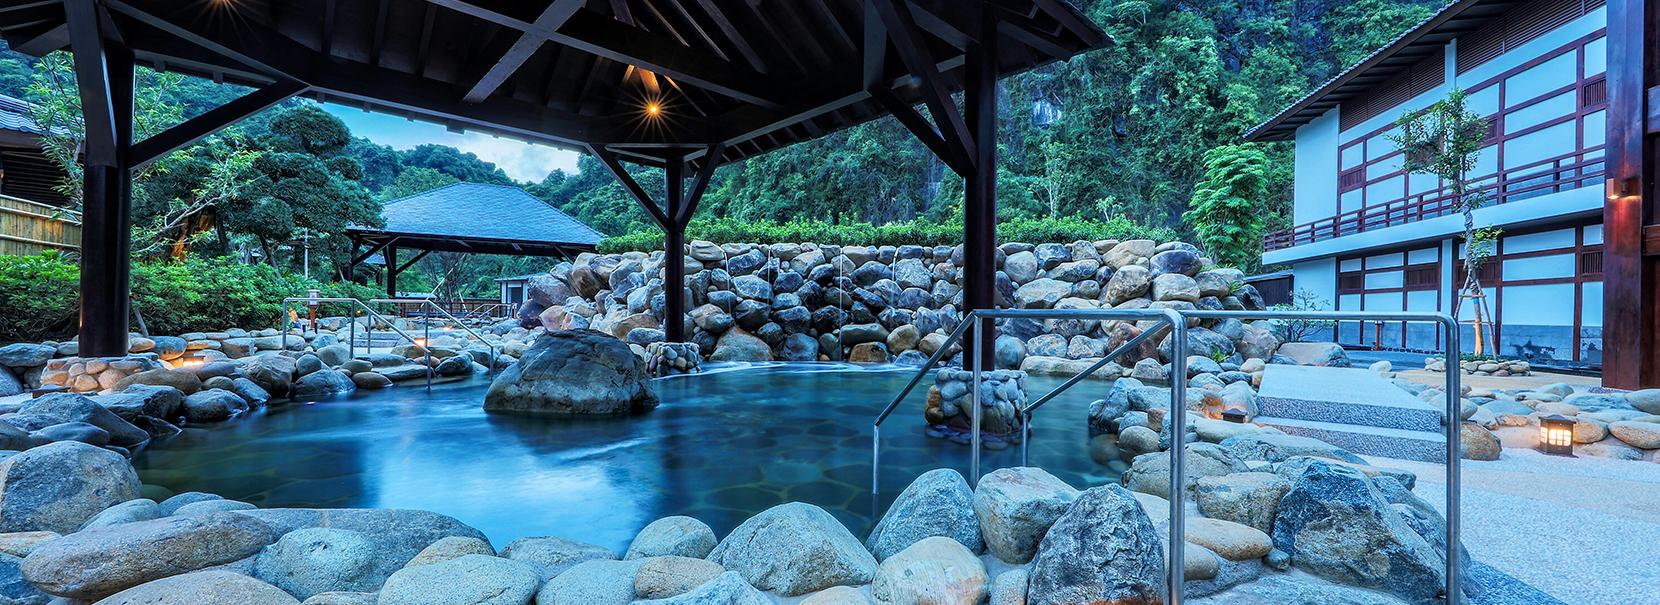 bể tắm đá OnSen Quang hanh